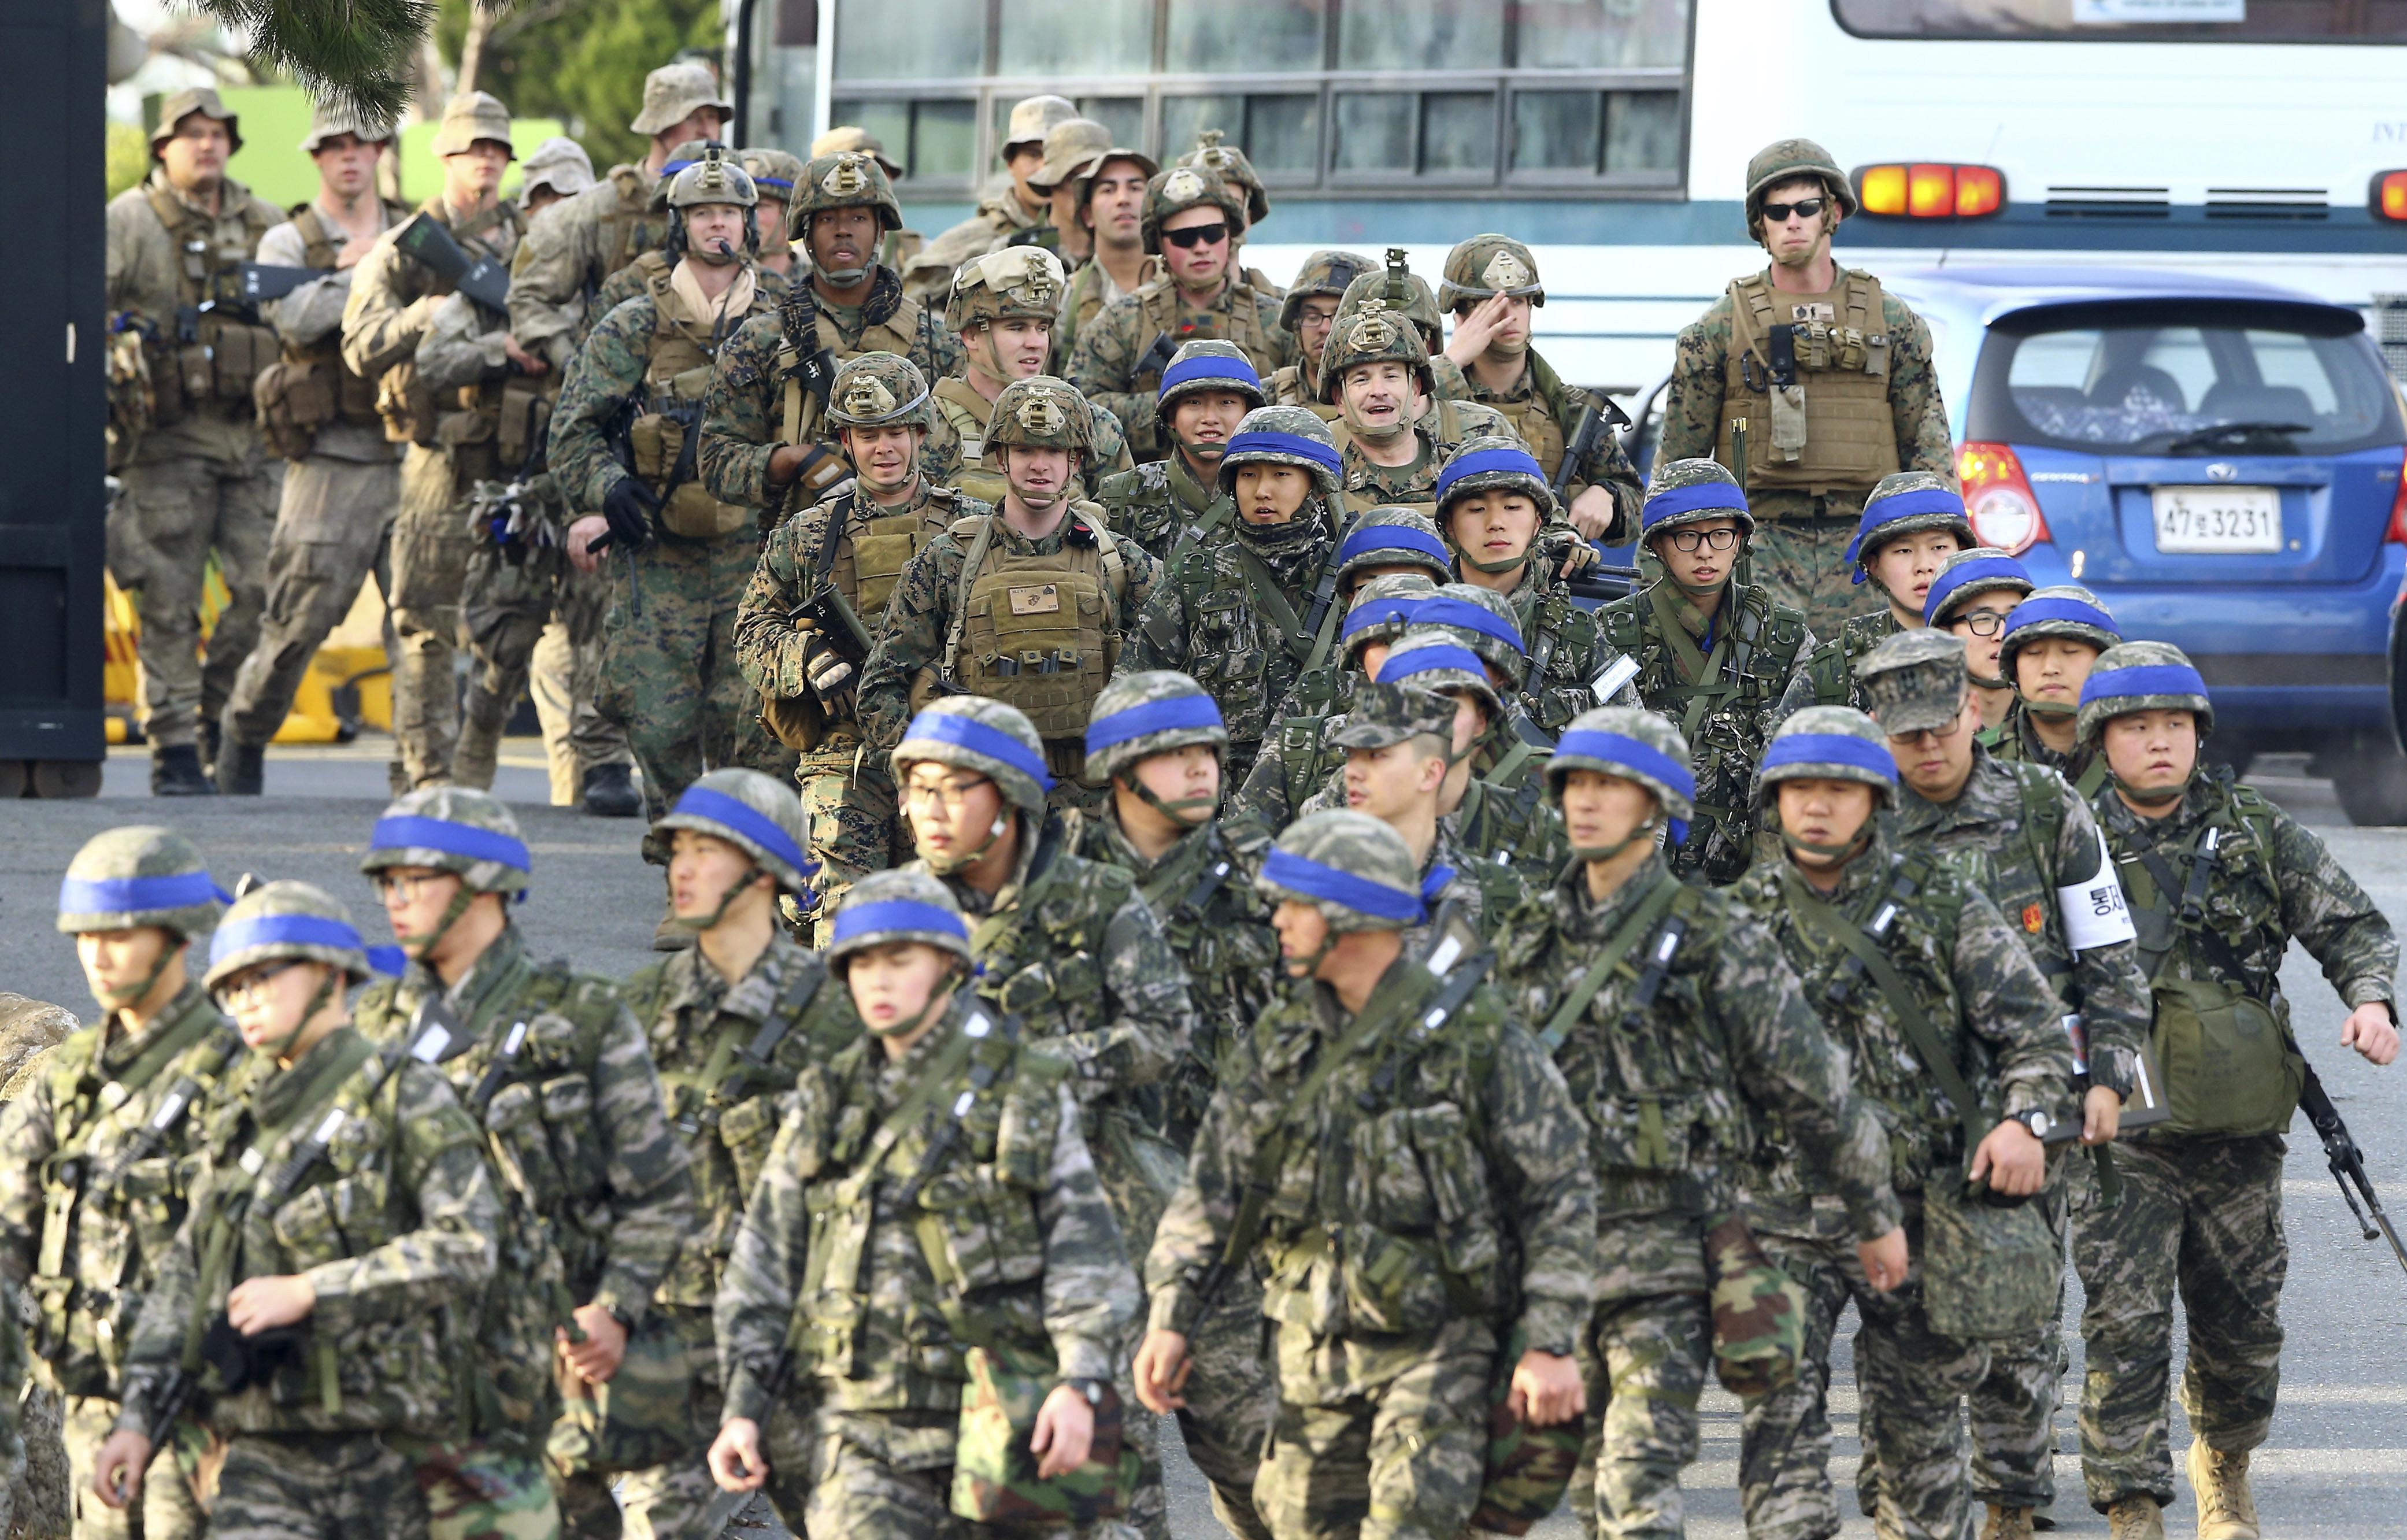 美韓聯合軍演,有多達30萬名南韓軍及1萬7000名美軍參與。(圖/達志影像/美聯社)